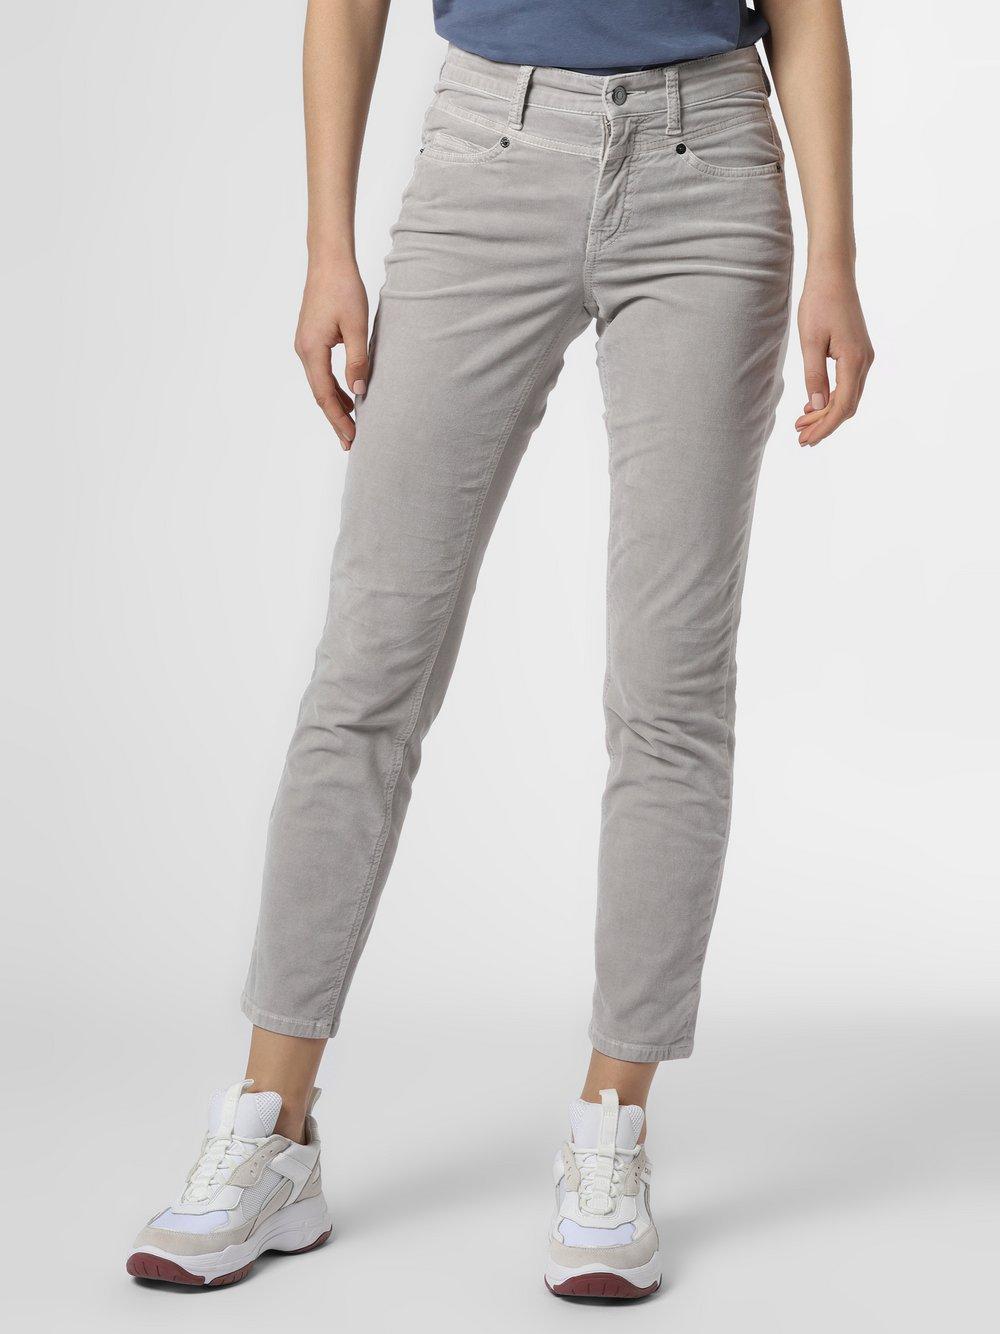 Cambio - Spodnie damskie – Posh, szary